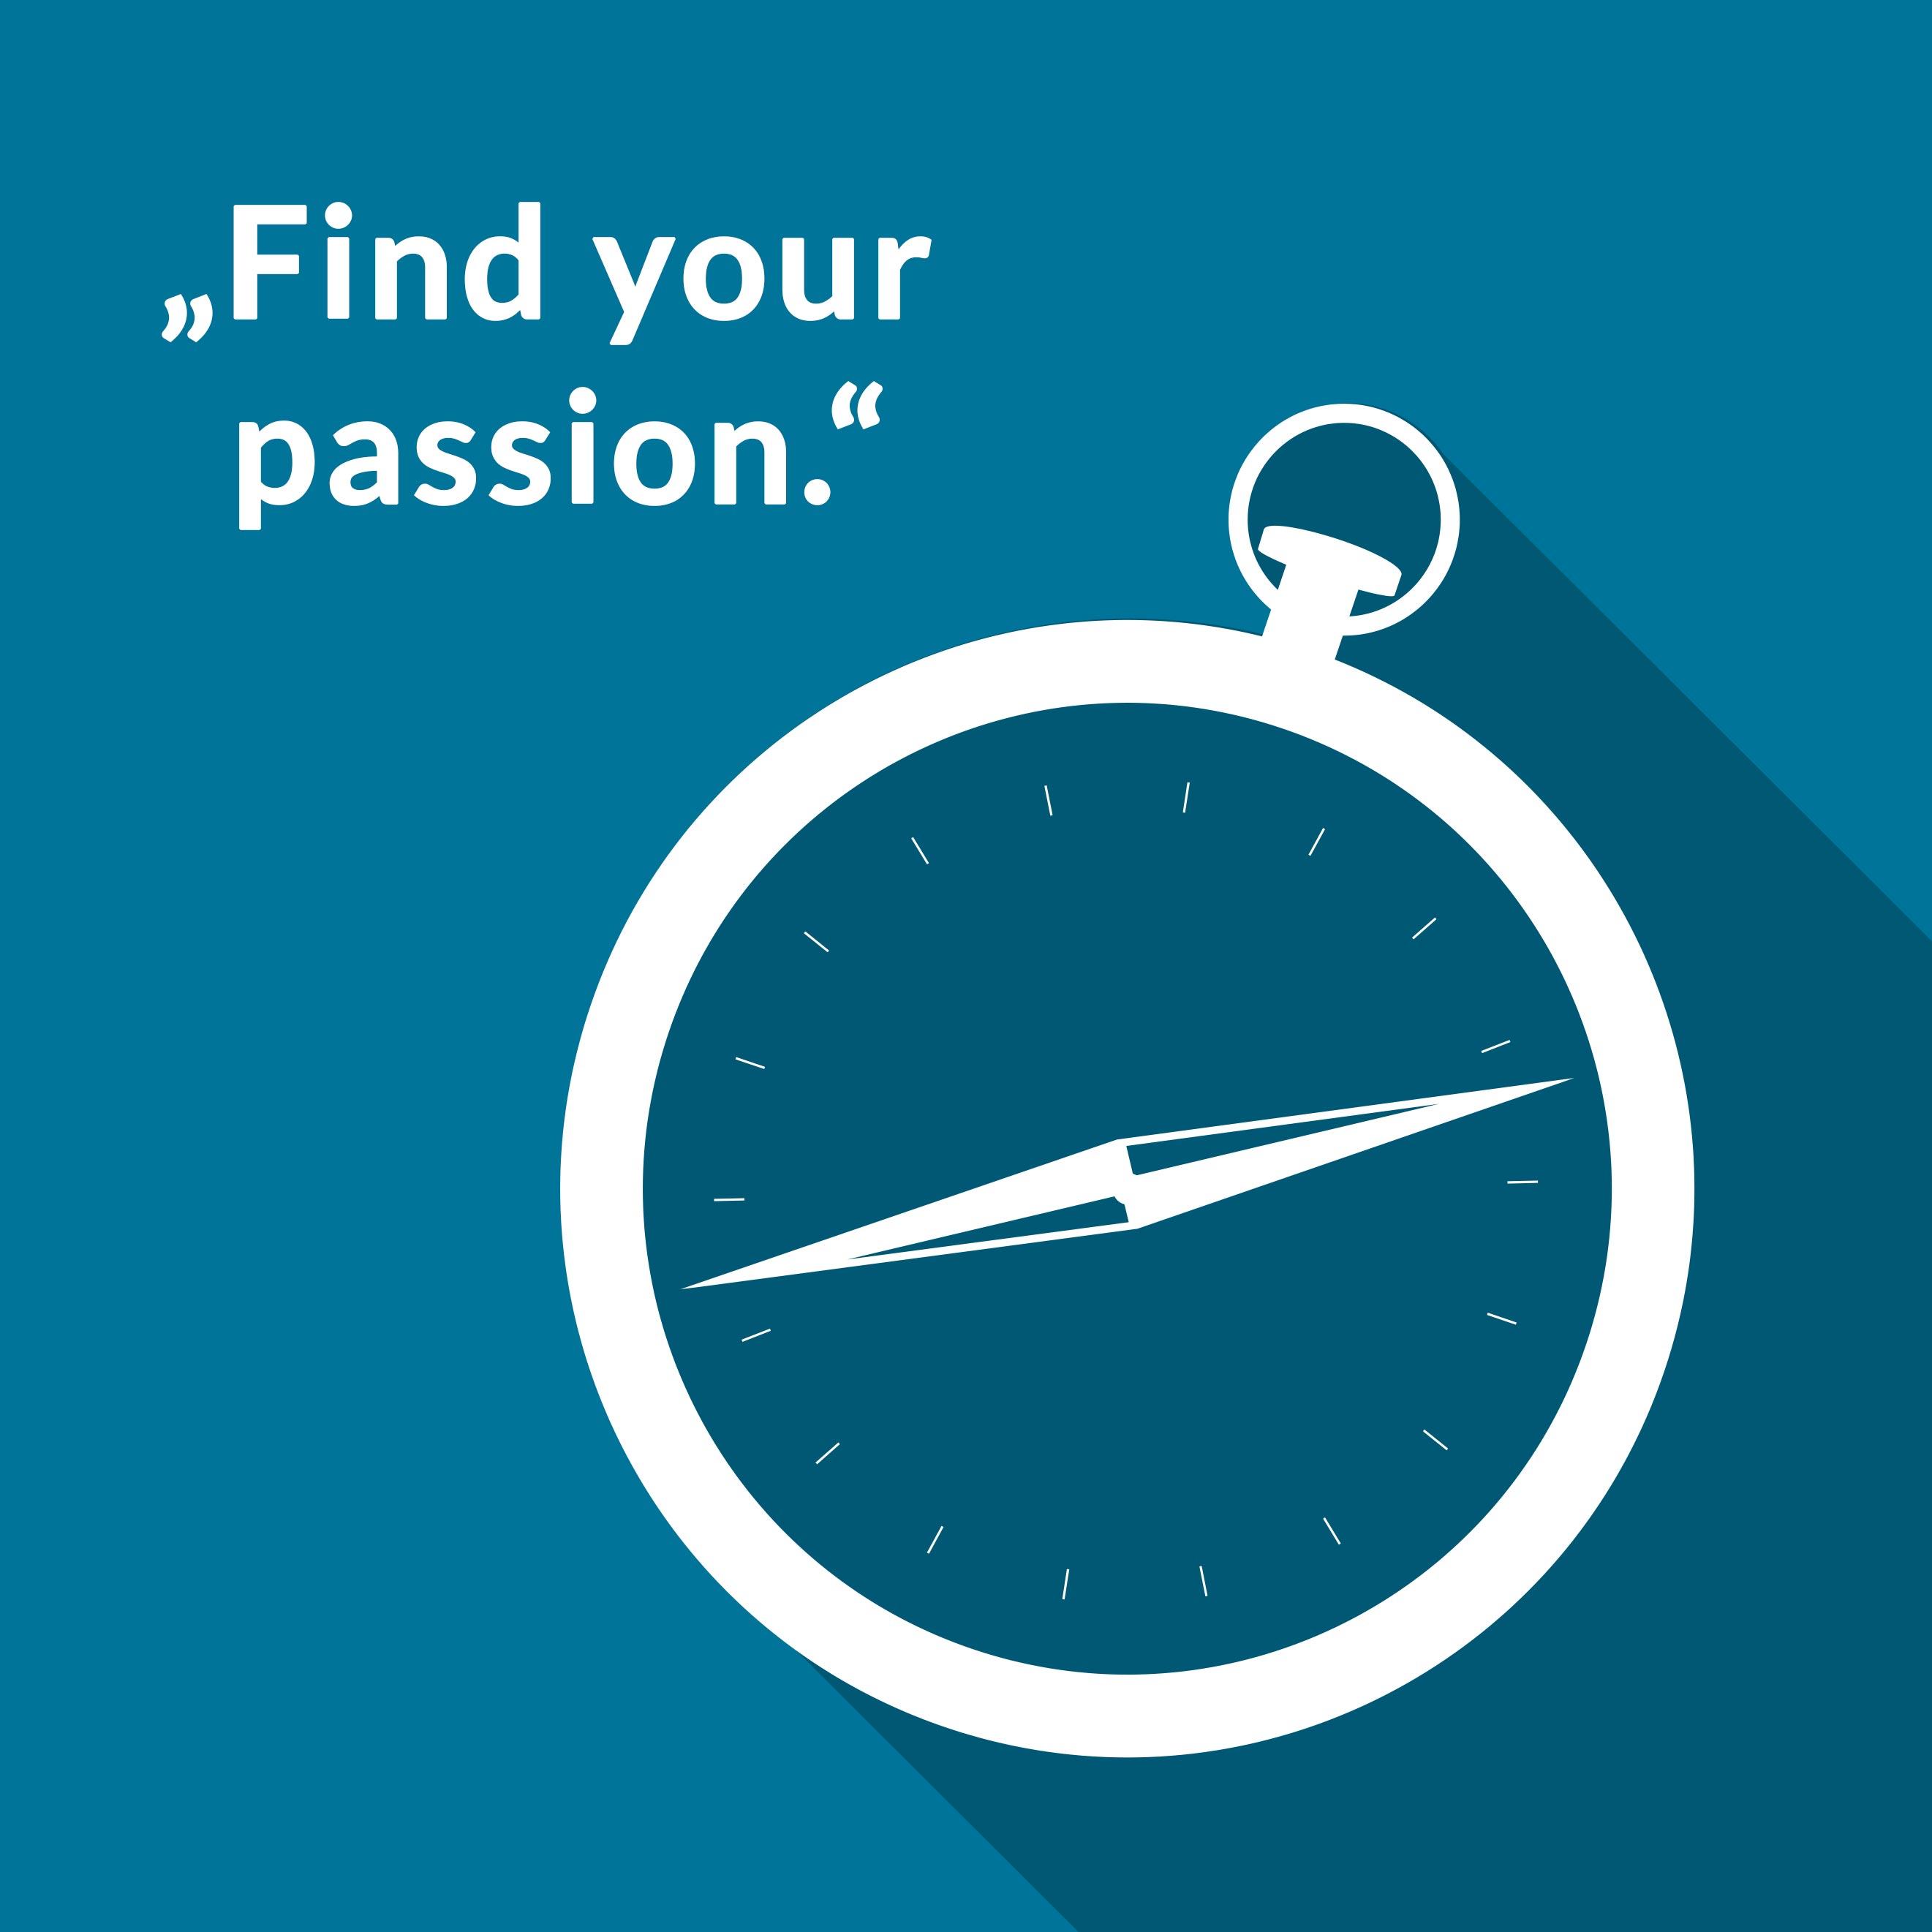 Find your passion - finde Deine Bestimmung Adele Brucks